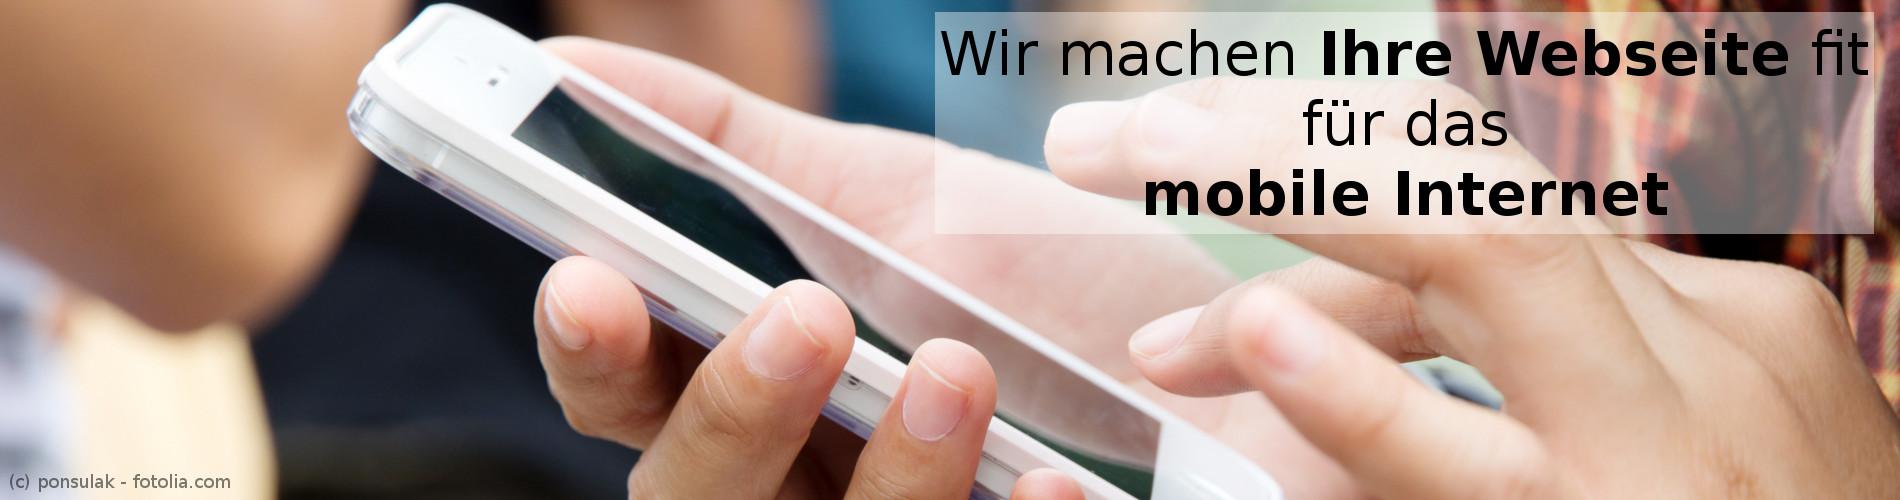 slider-mobile